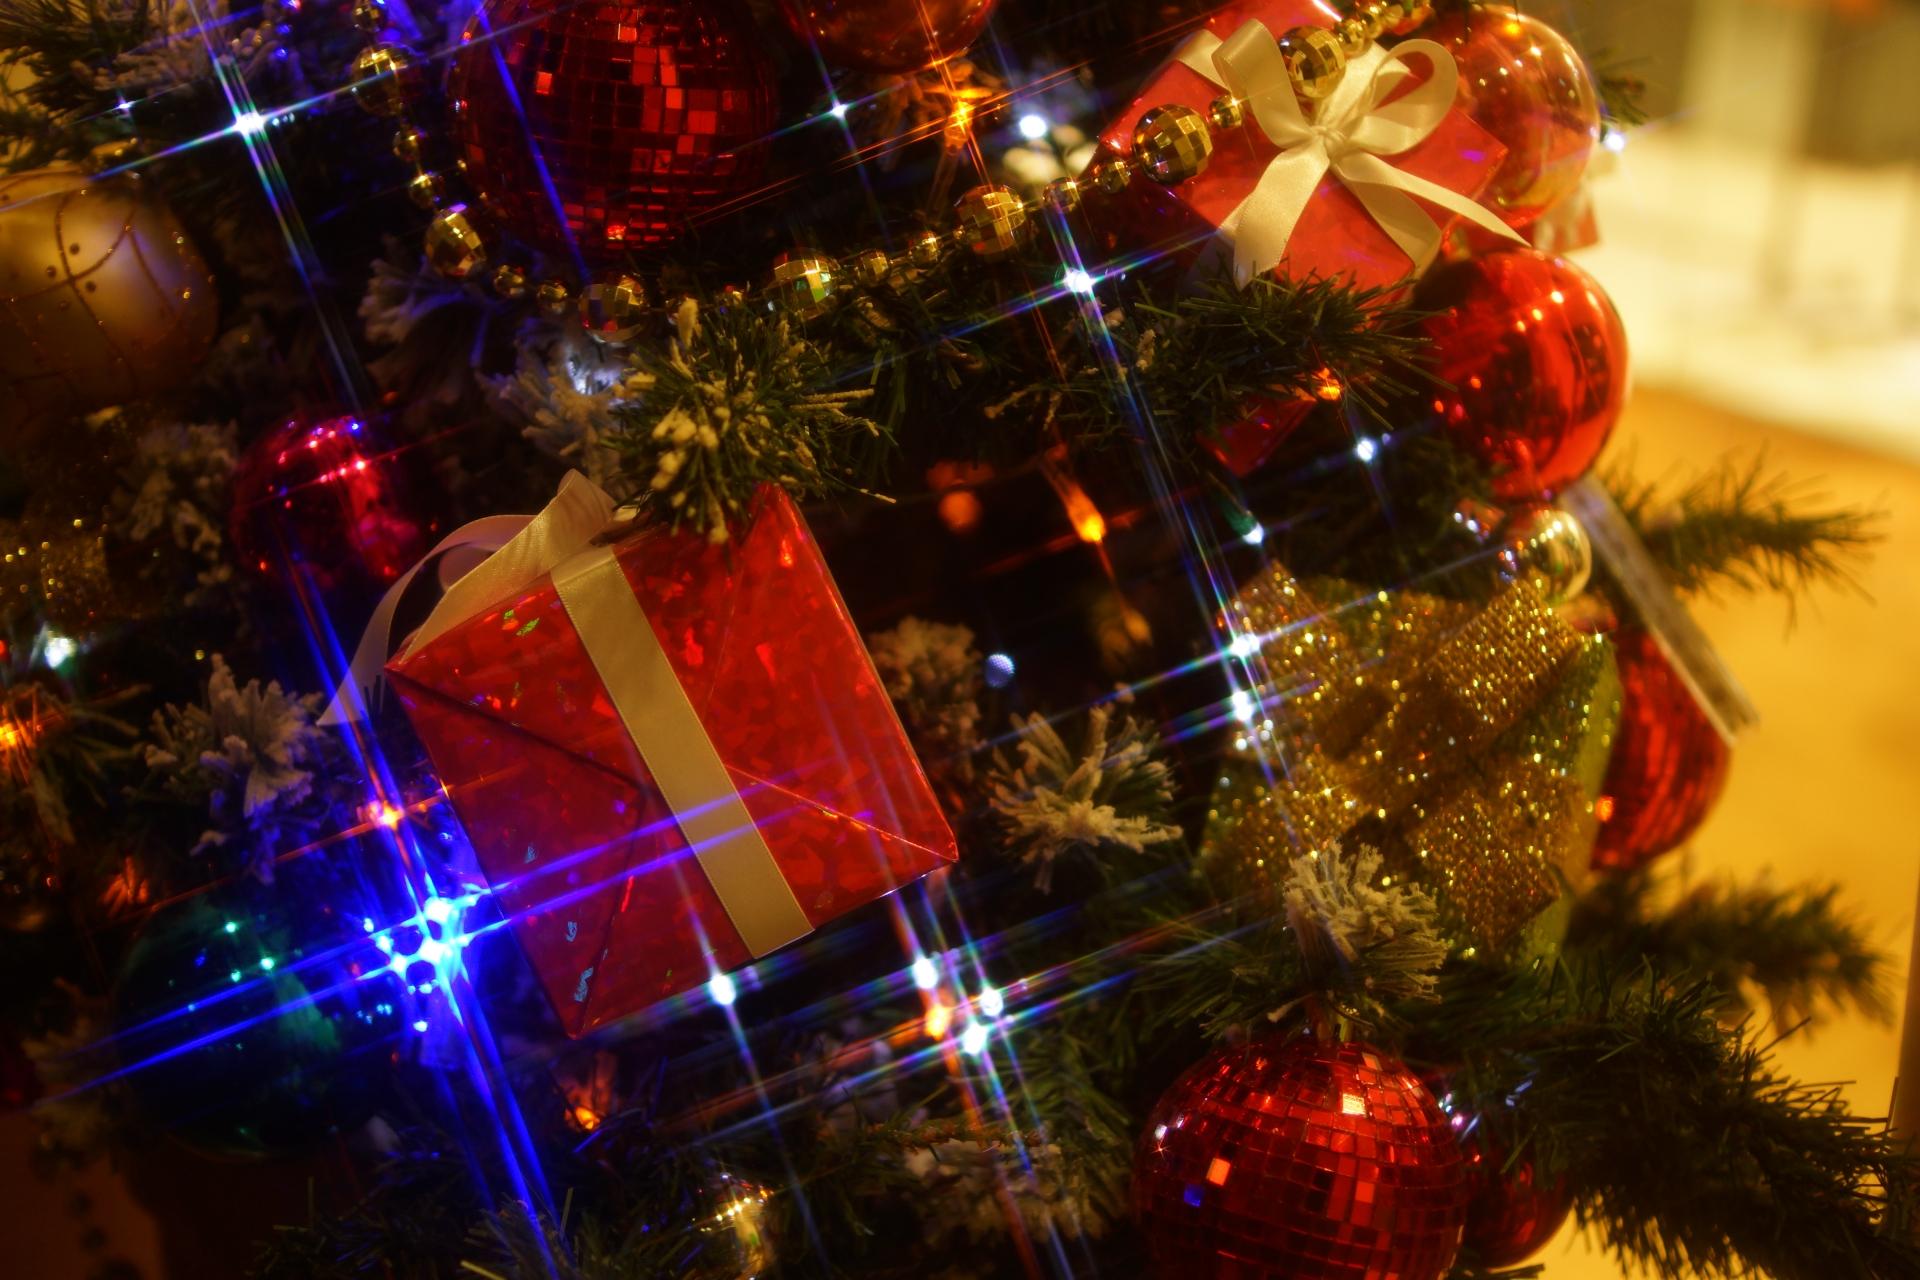 【クリスマス】彼女へのクリスマスプレゼントに4℃はあり!?